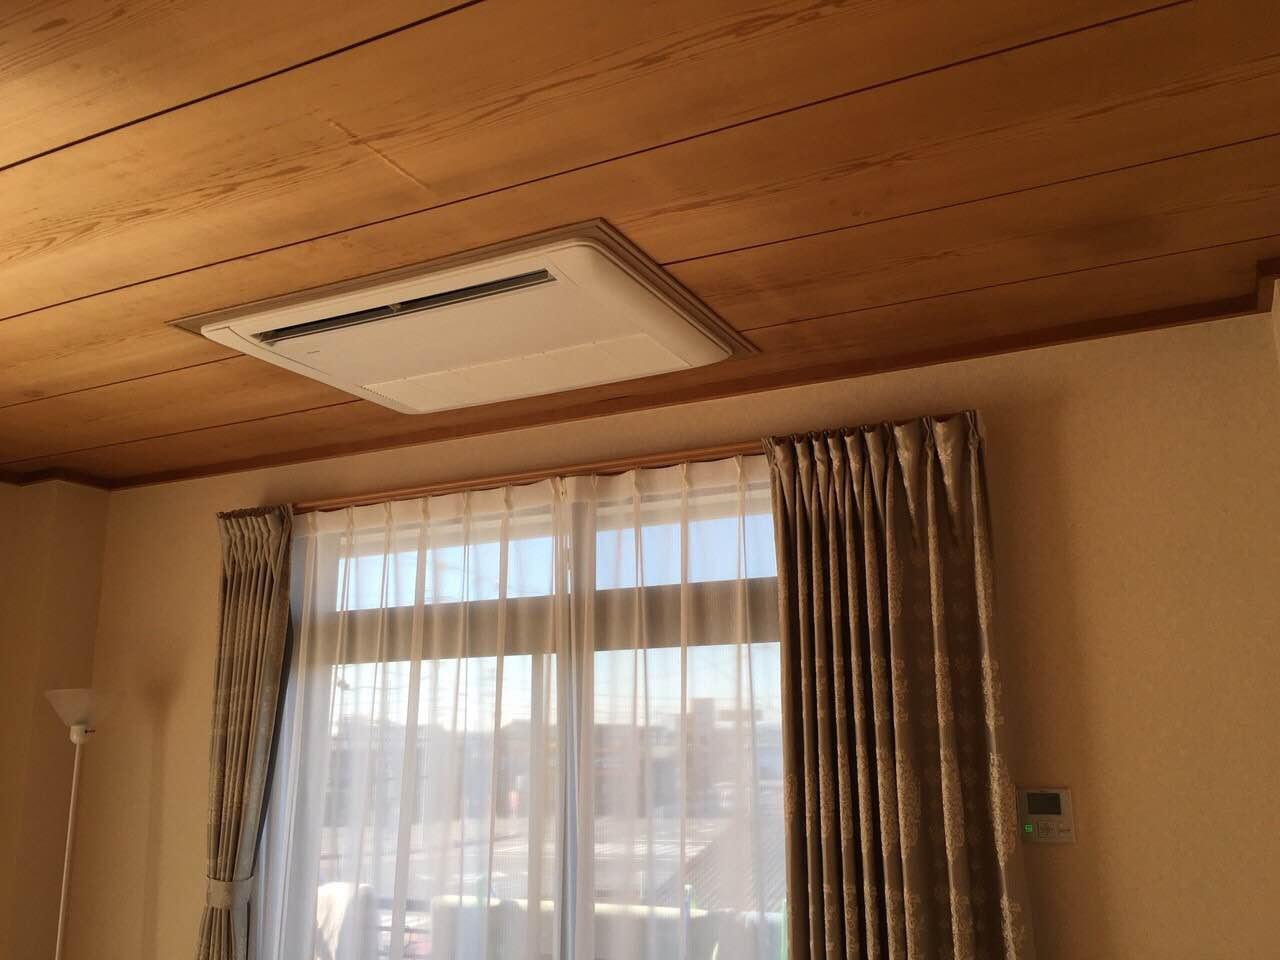 愛知県弥富市 | 業務用エアコン工事